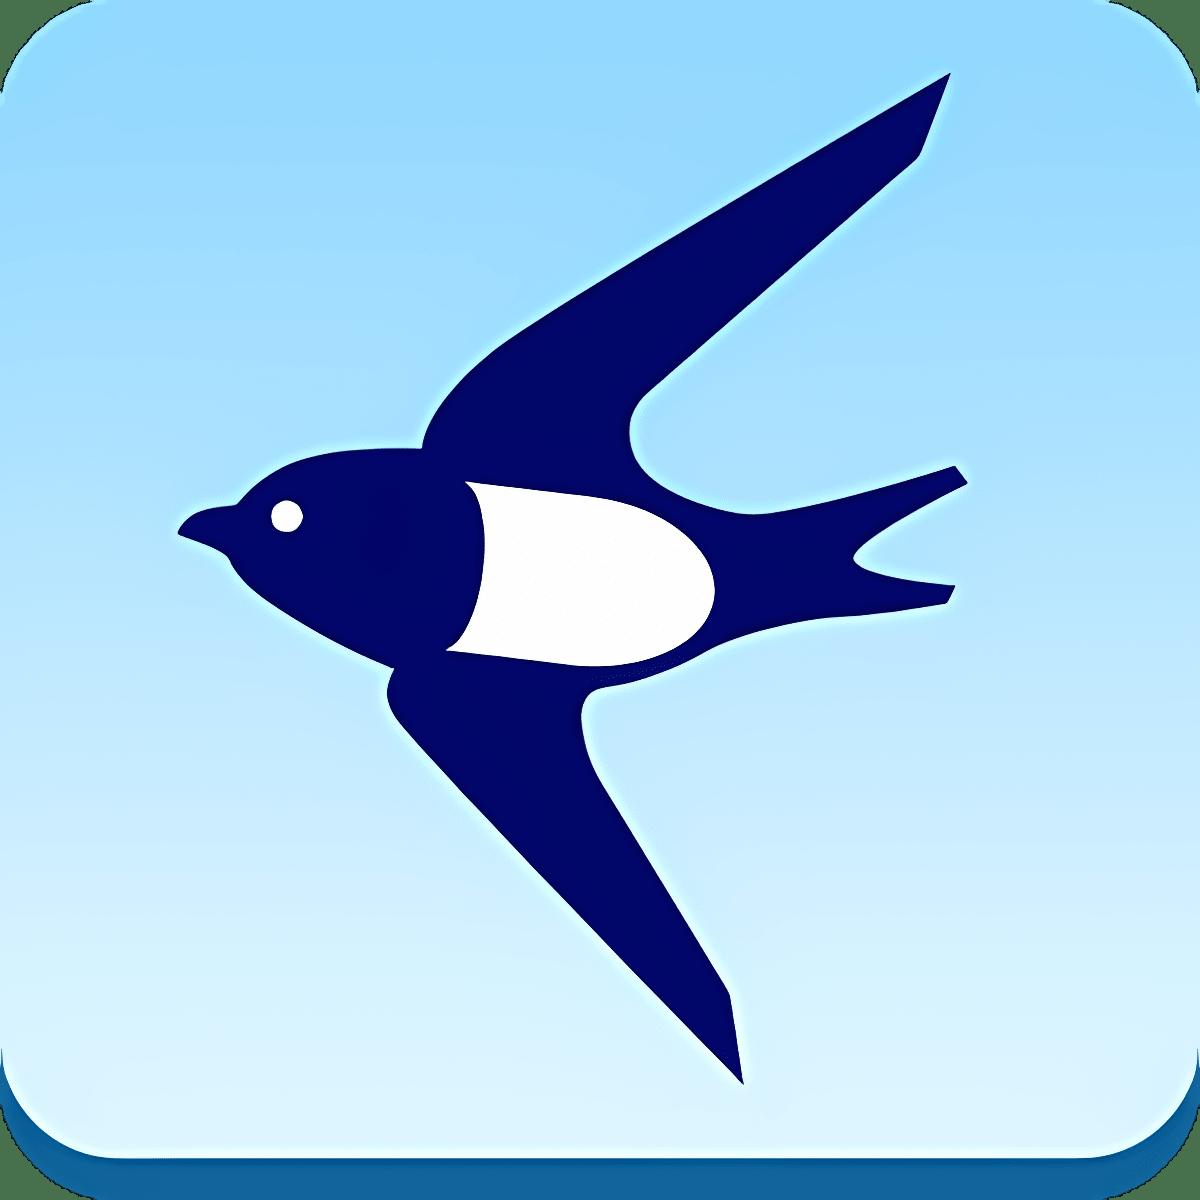 経理アプリ freee(フリー)- 会計・確定申告が簡単に。